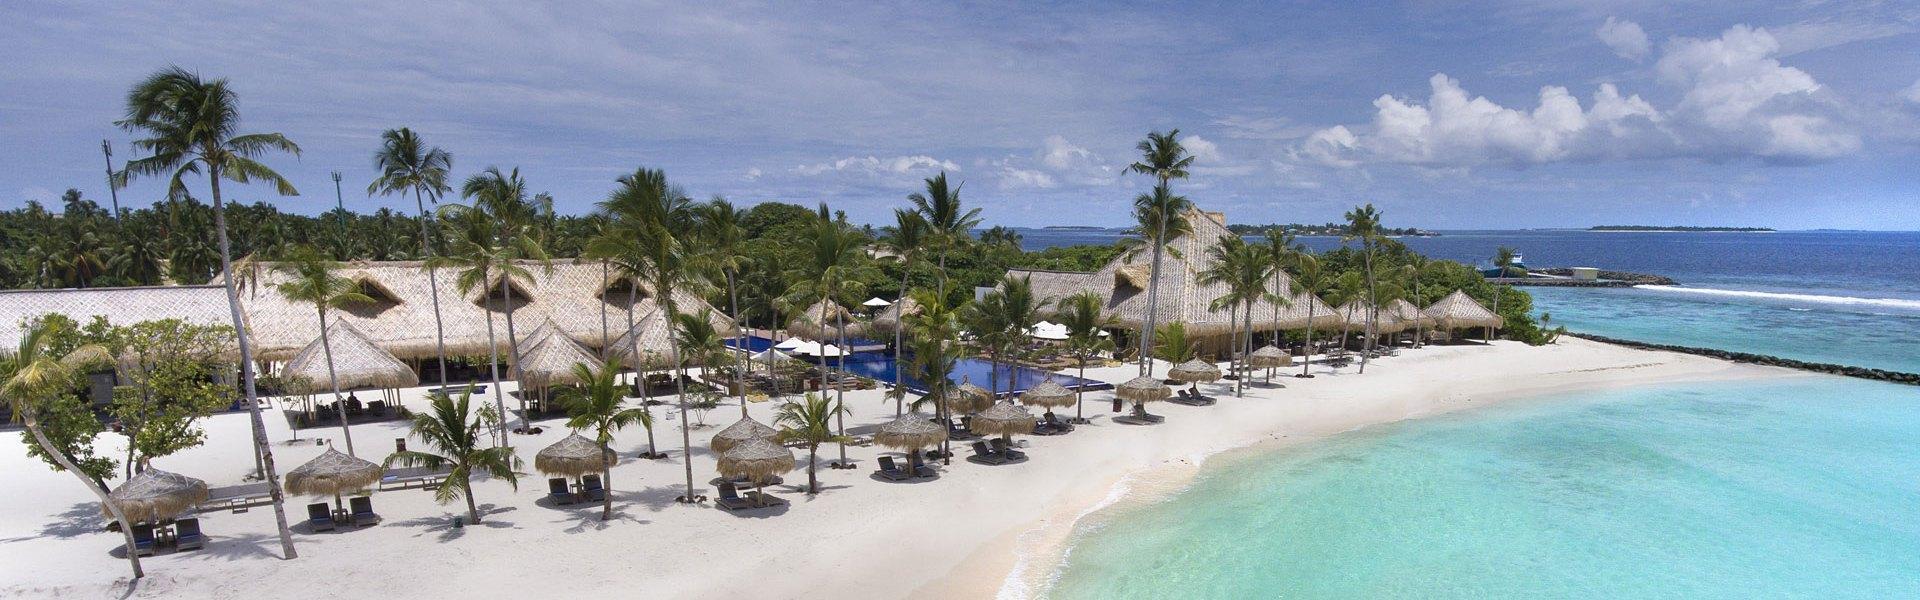 Emerald Maldives Resort & Spa (Maldív-szigeteki utazások)